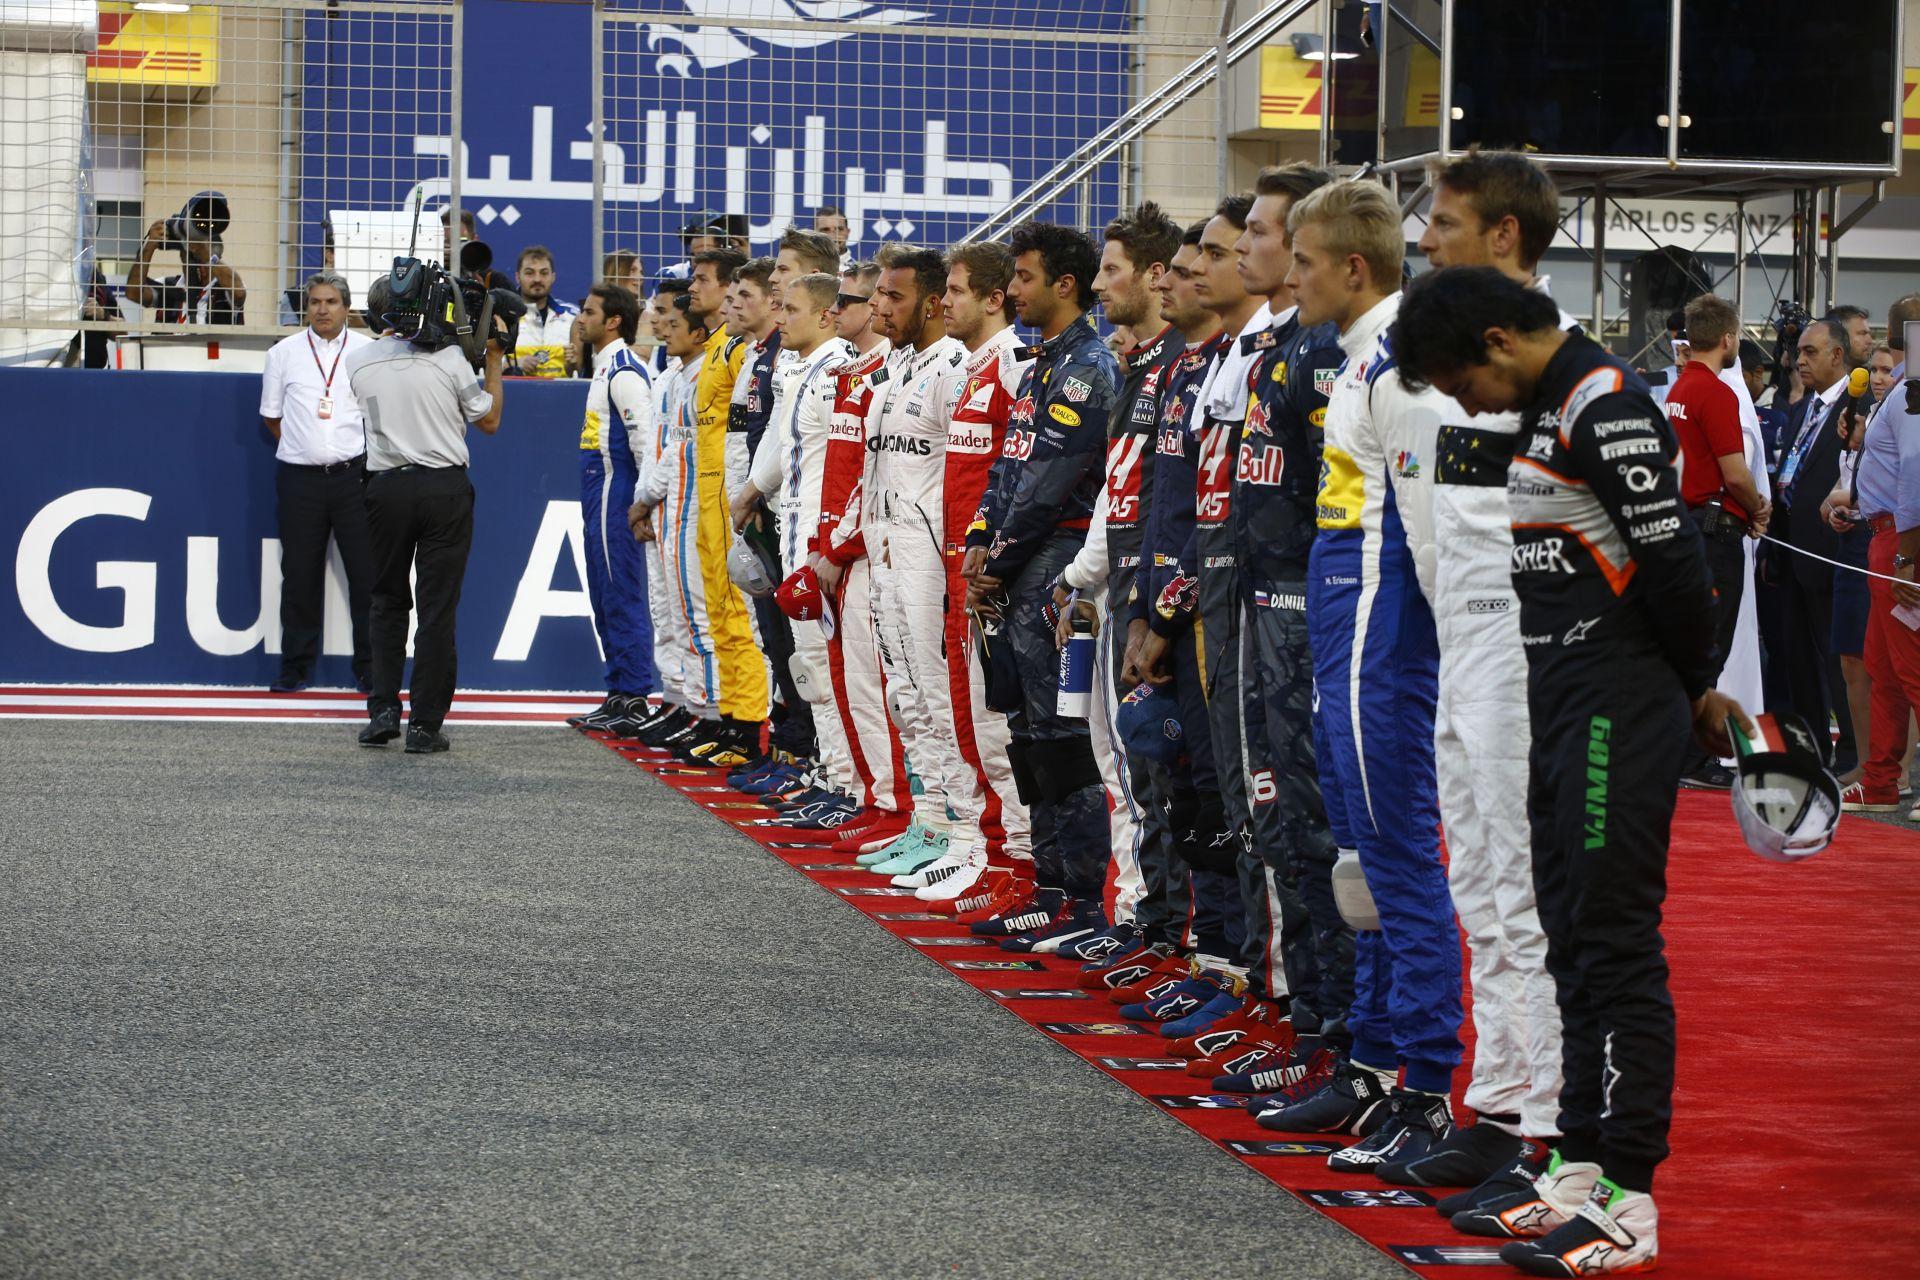 Hihetetlen! A csapatok a 2015-ös időmérőt akarják az F1-ben!